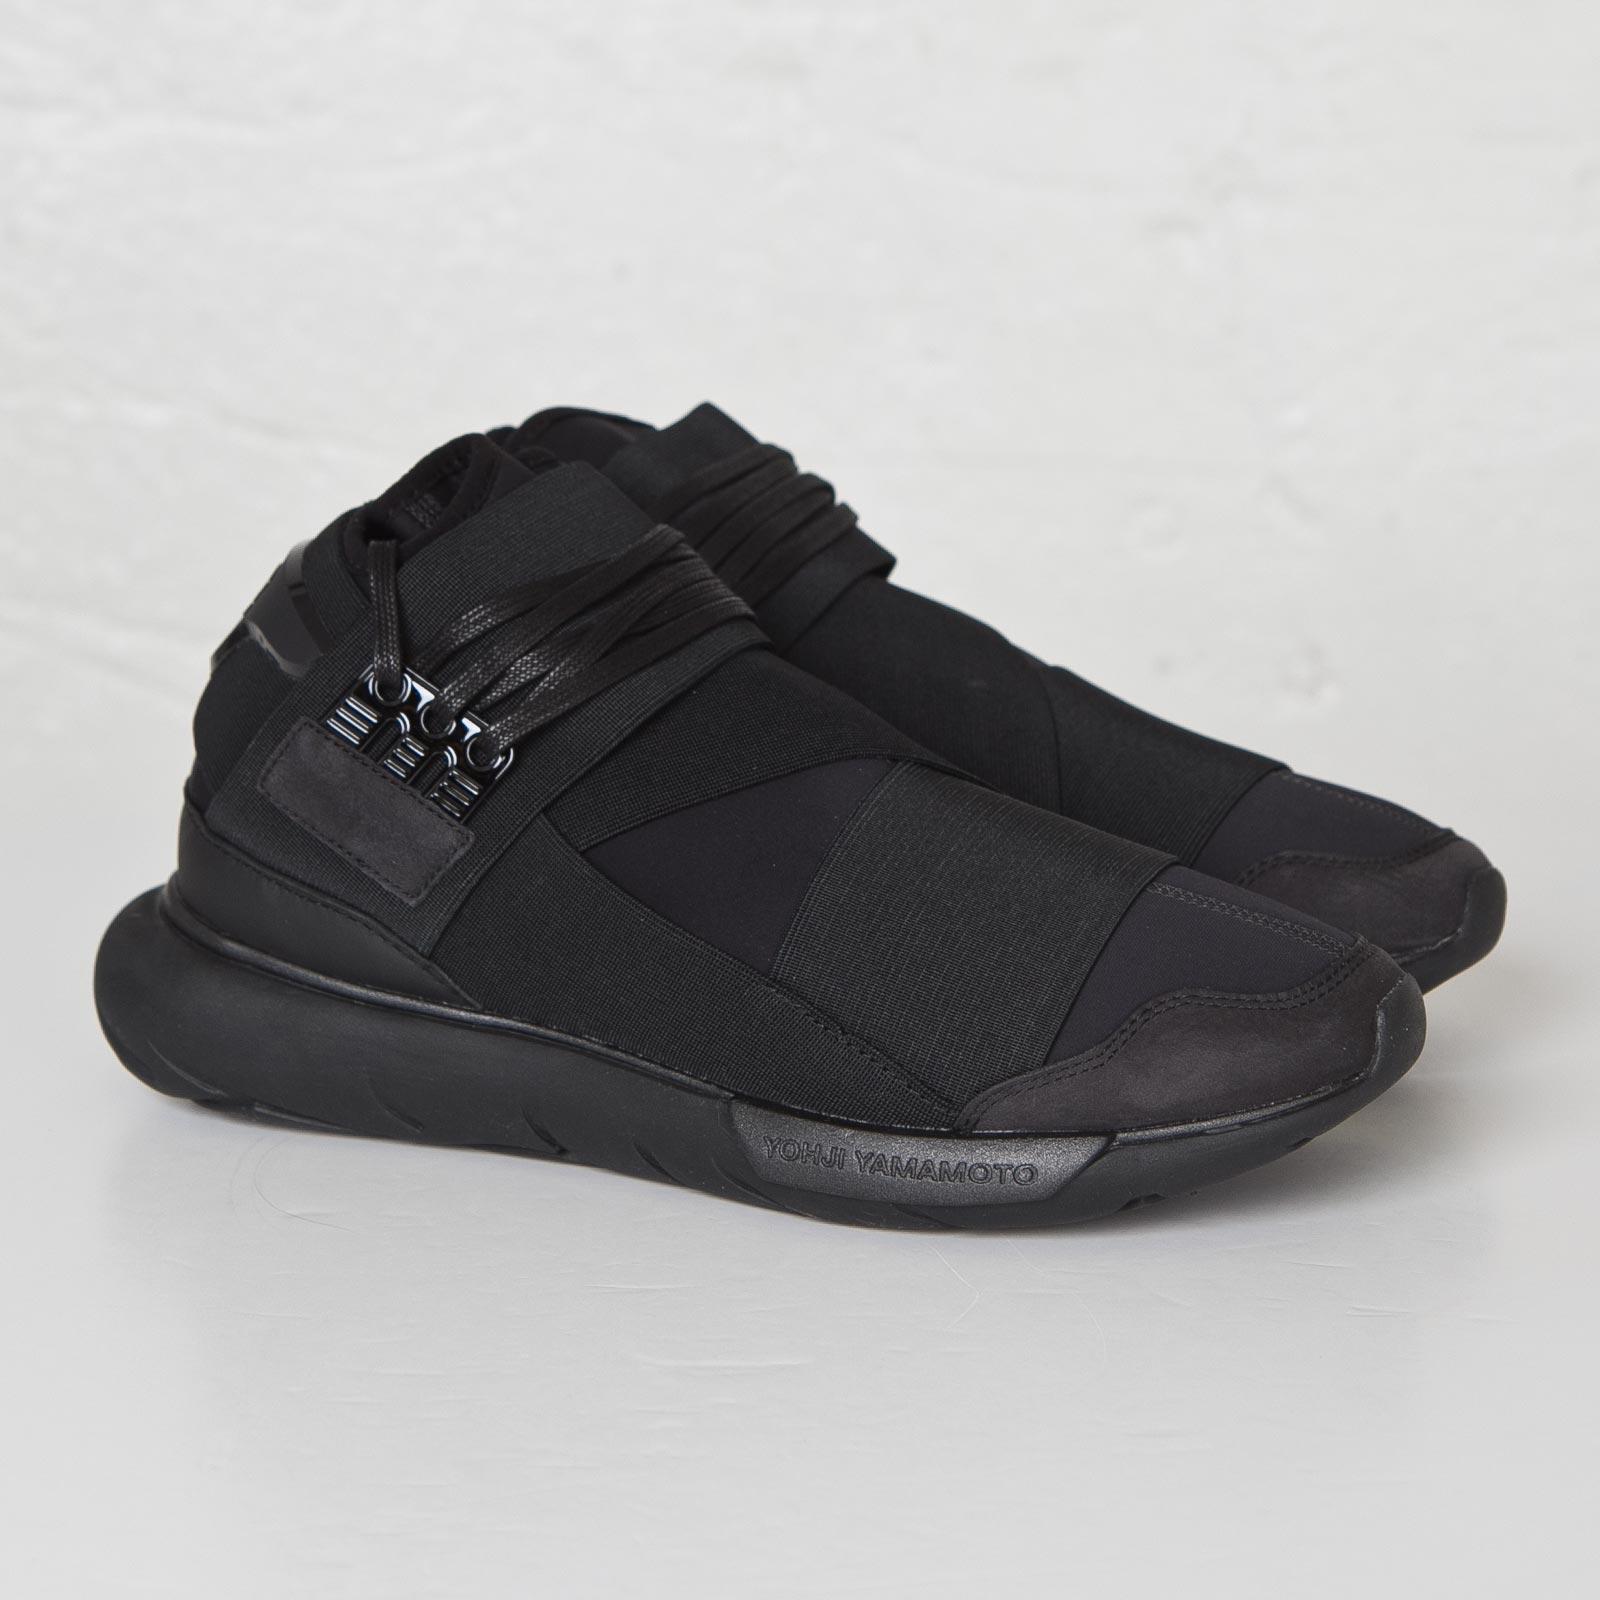 bf0ee6aac732 adidas Y-3 Qasa High - S83173 - Sneakersnstuff